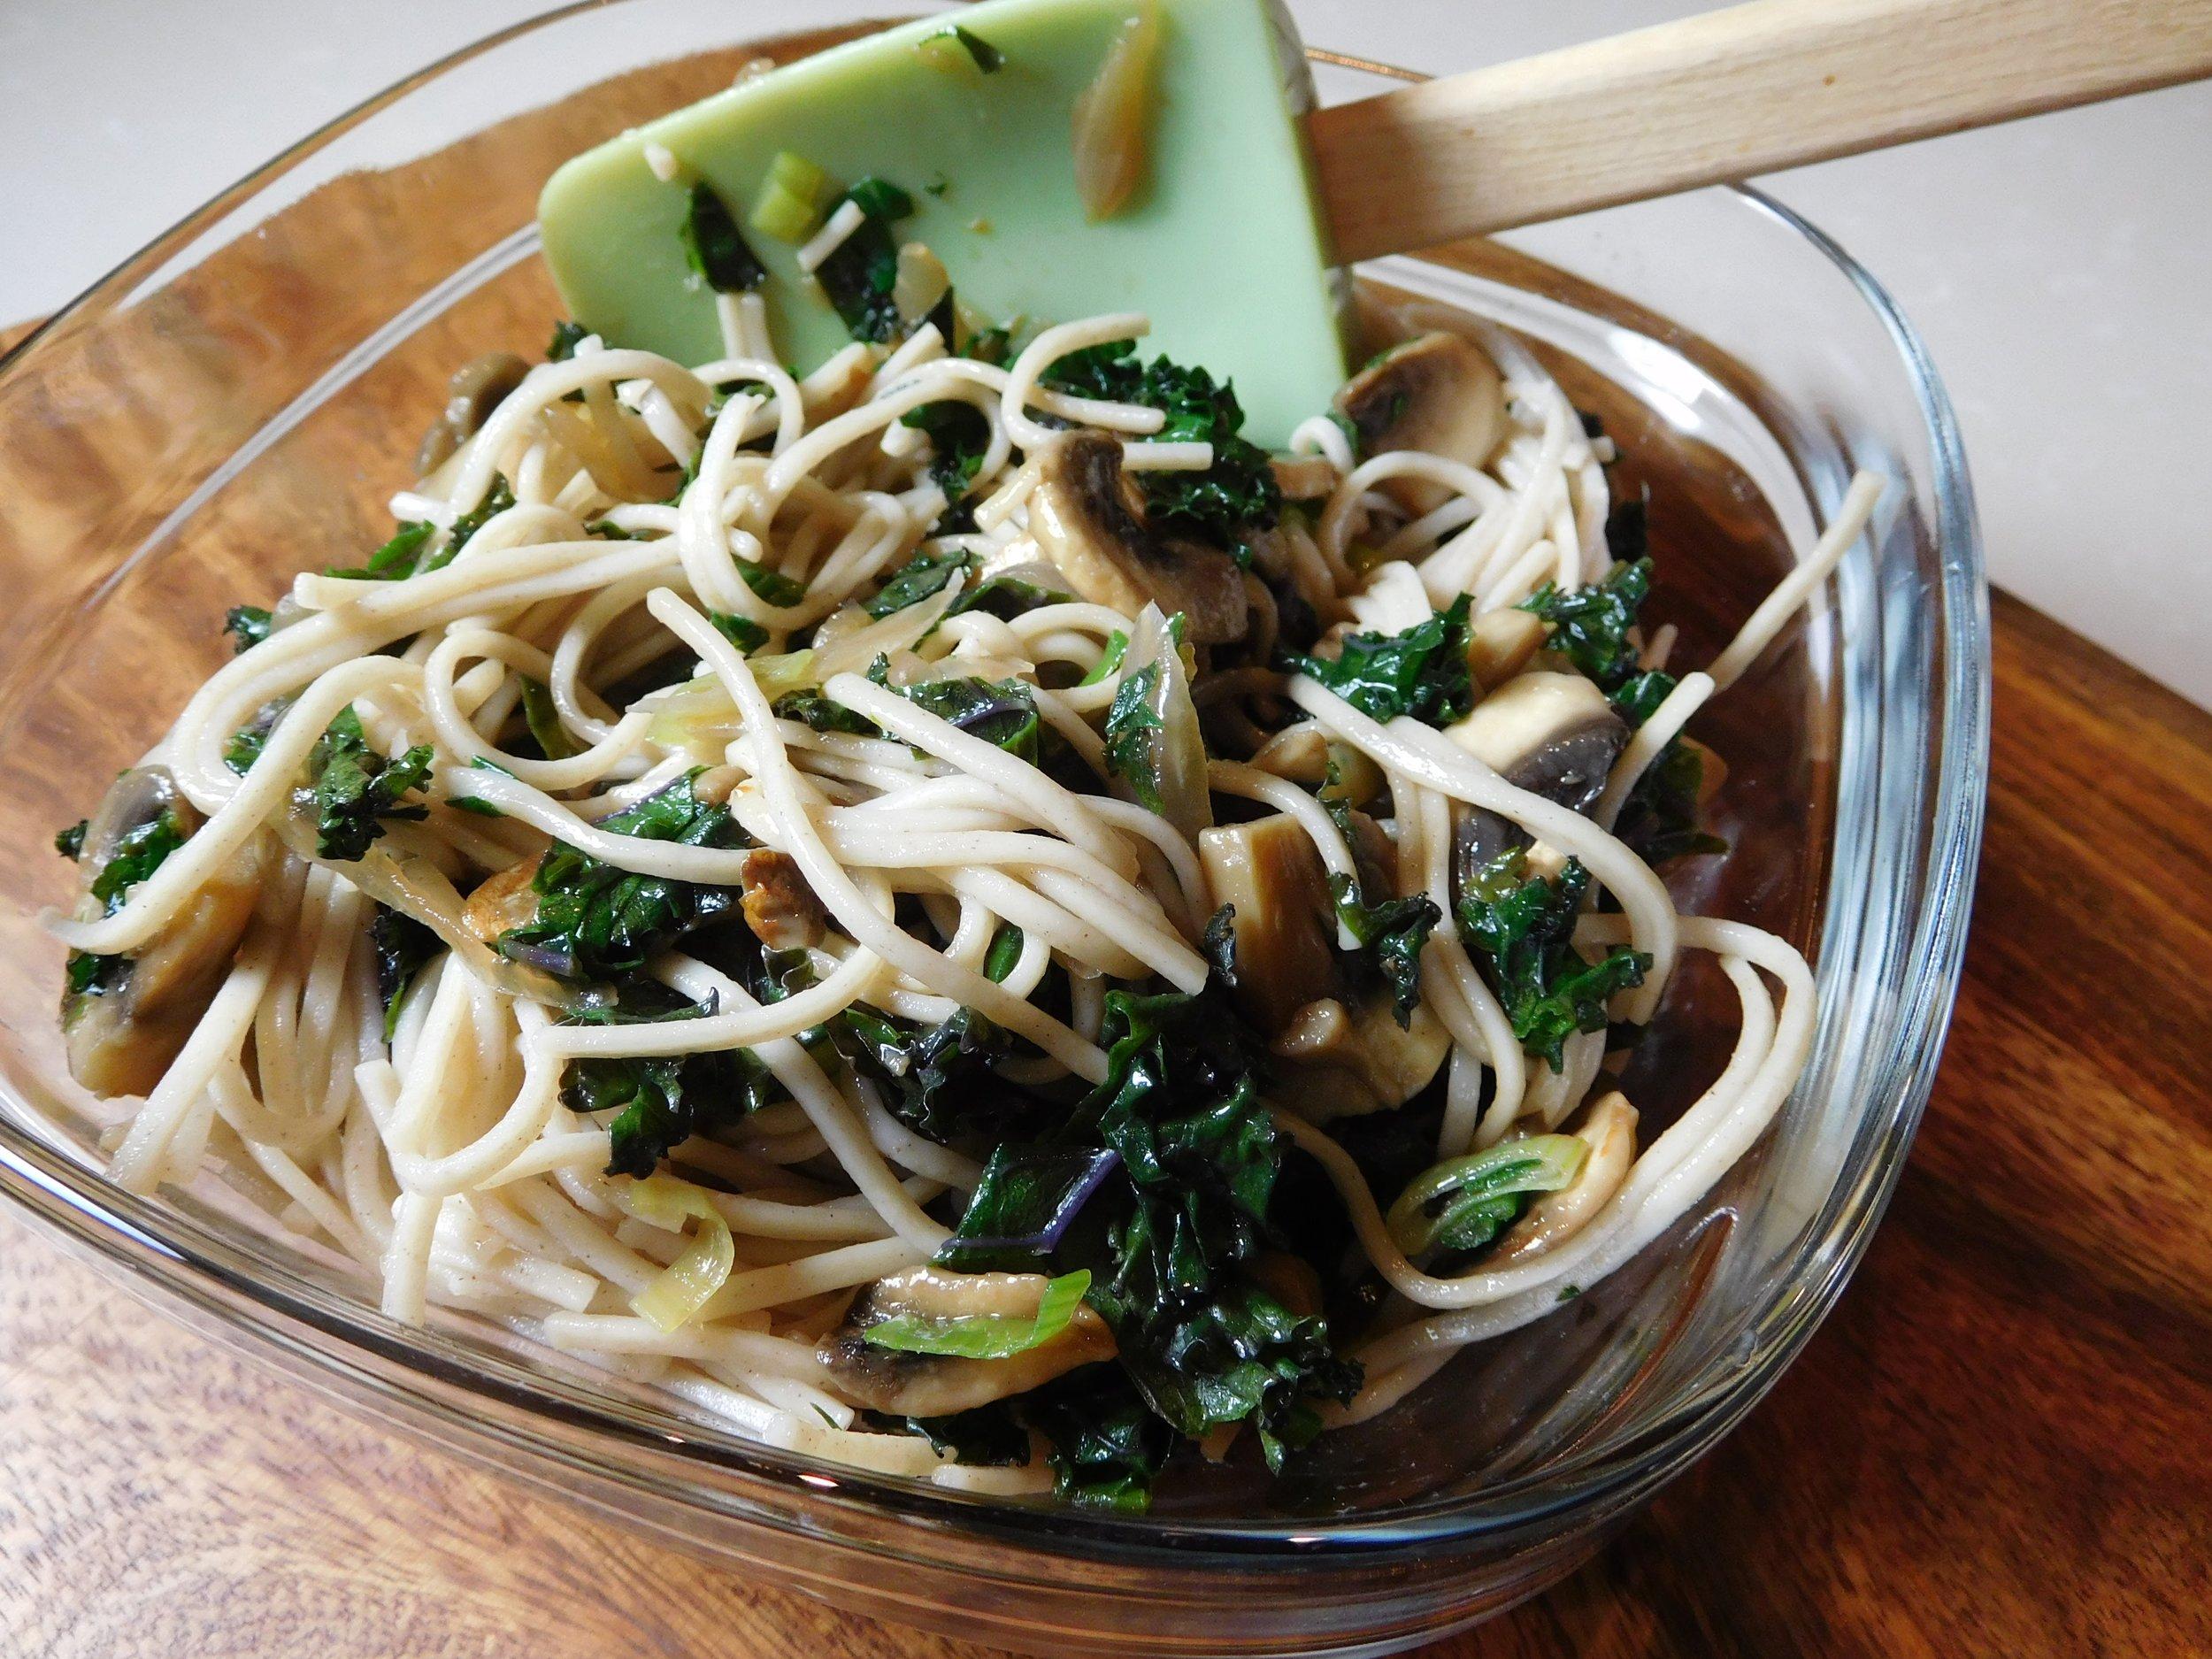 Noodles kale mush close up.JPG